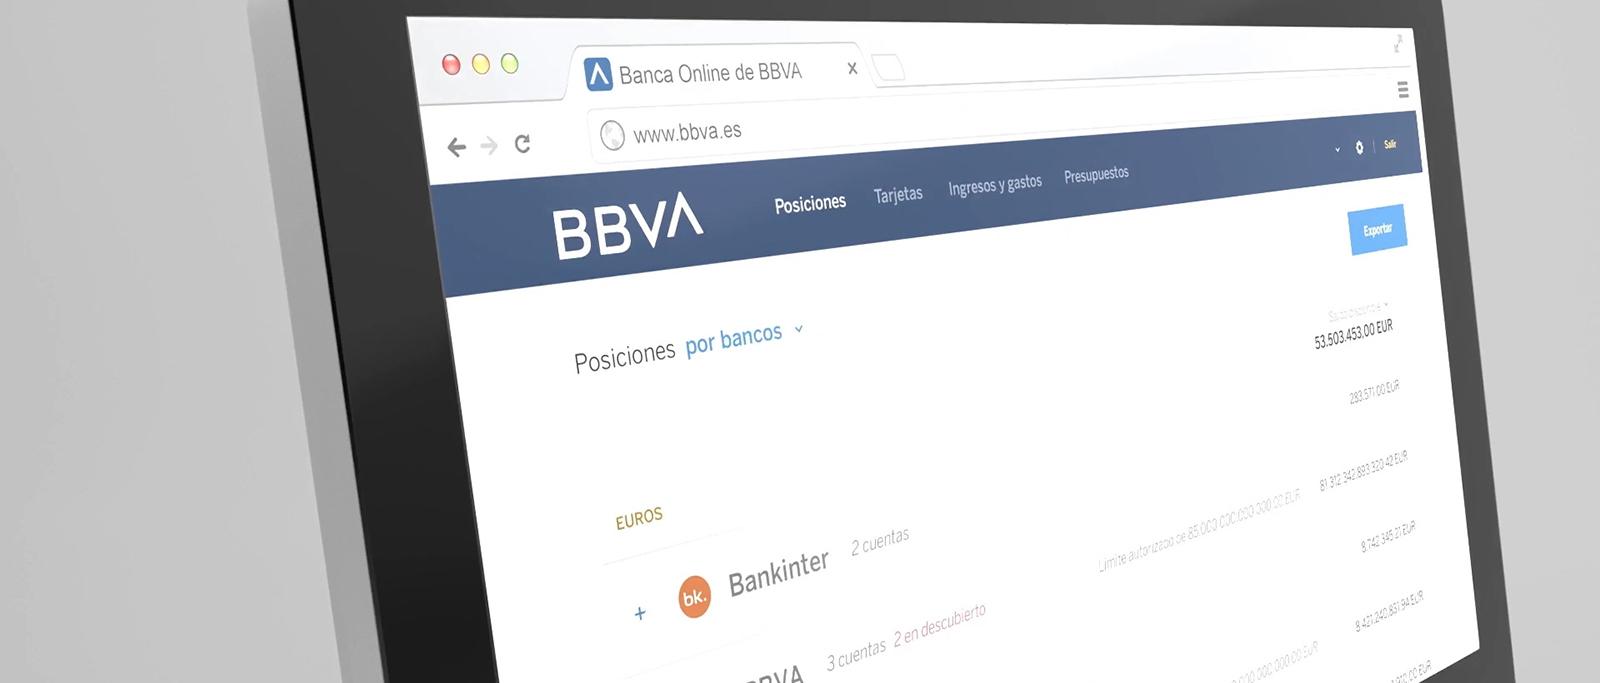 世界上最大的金融機構之一的BBVA啟動全新的品牌VI形象-深圳VI設計6